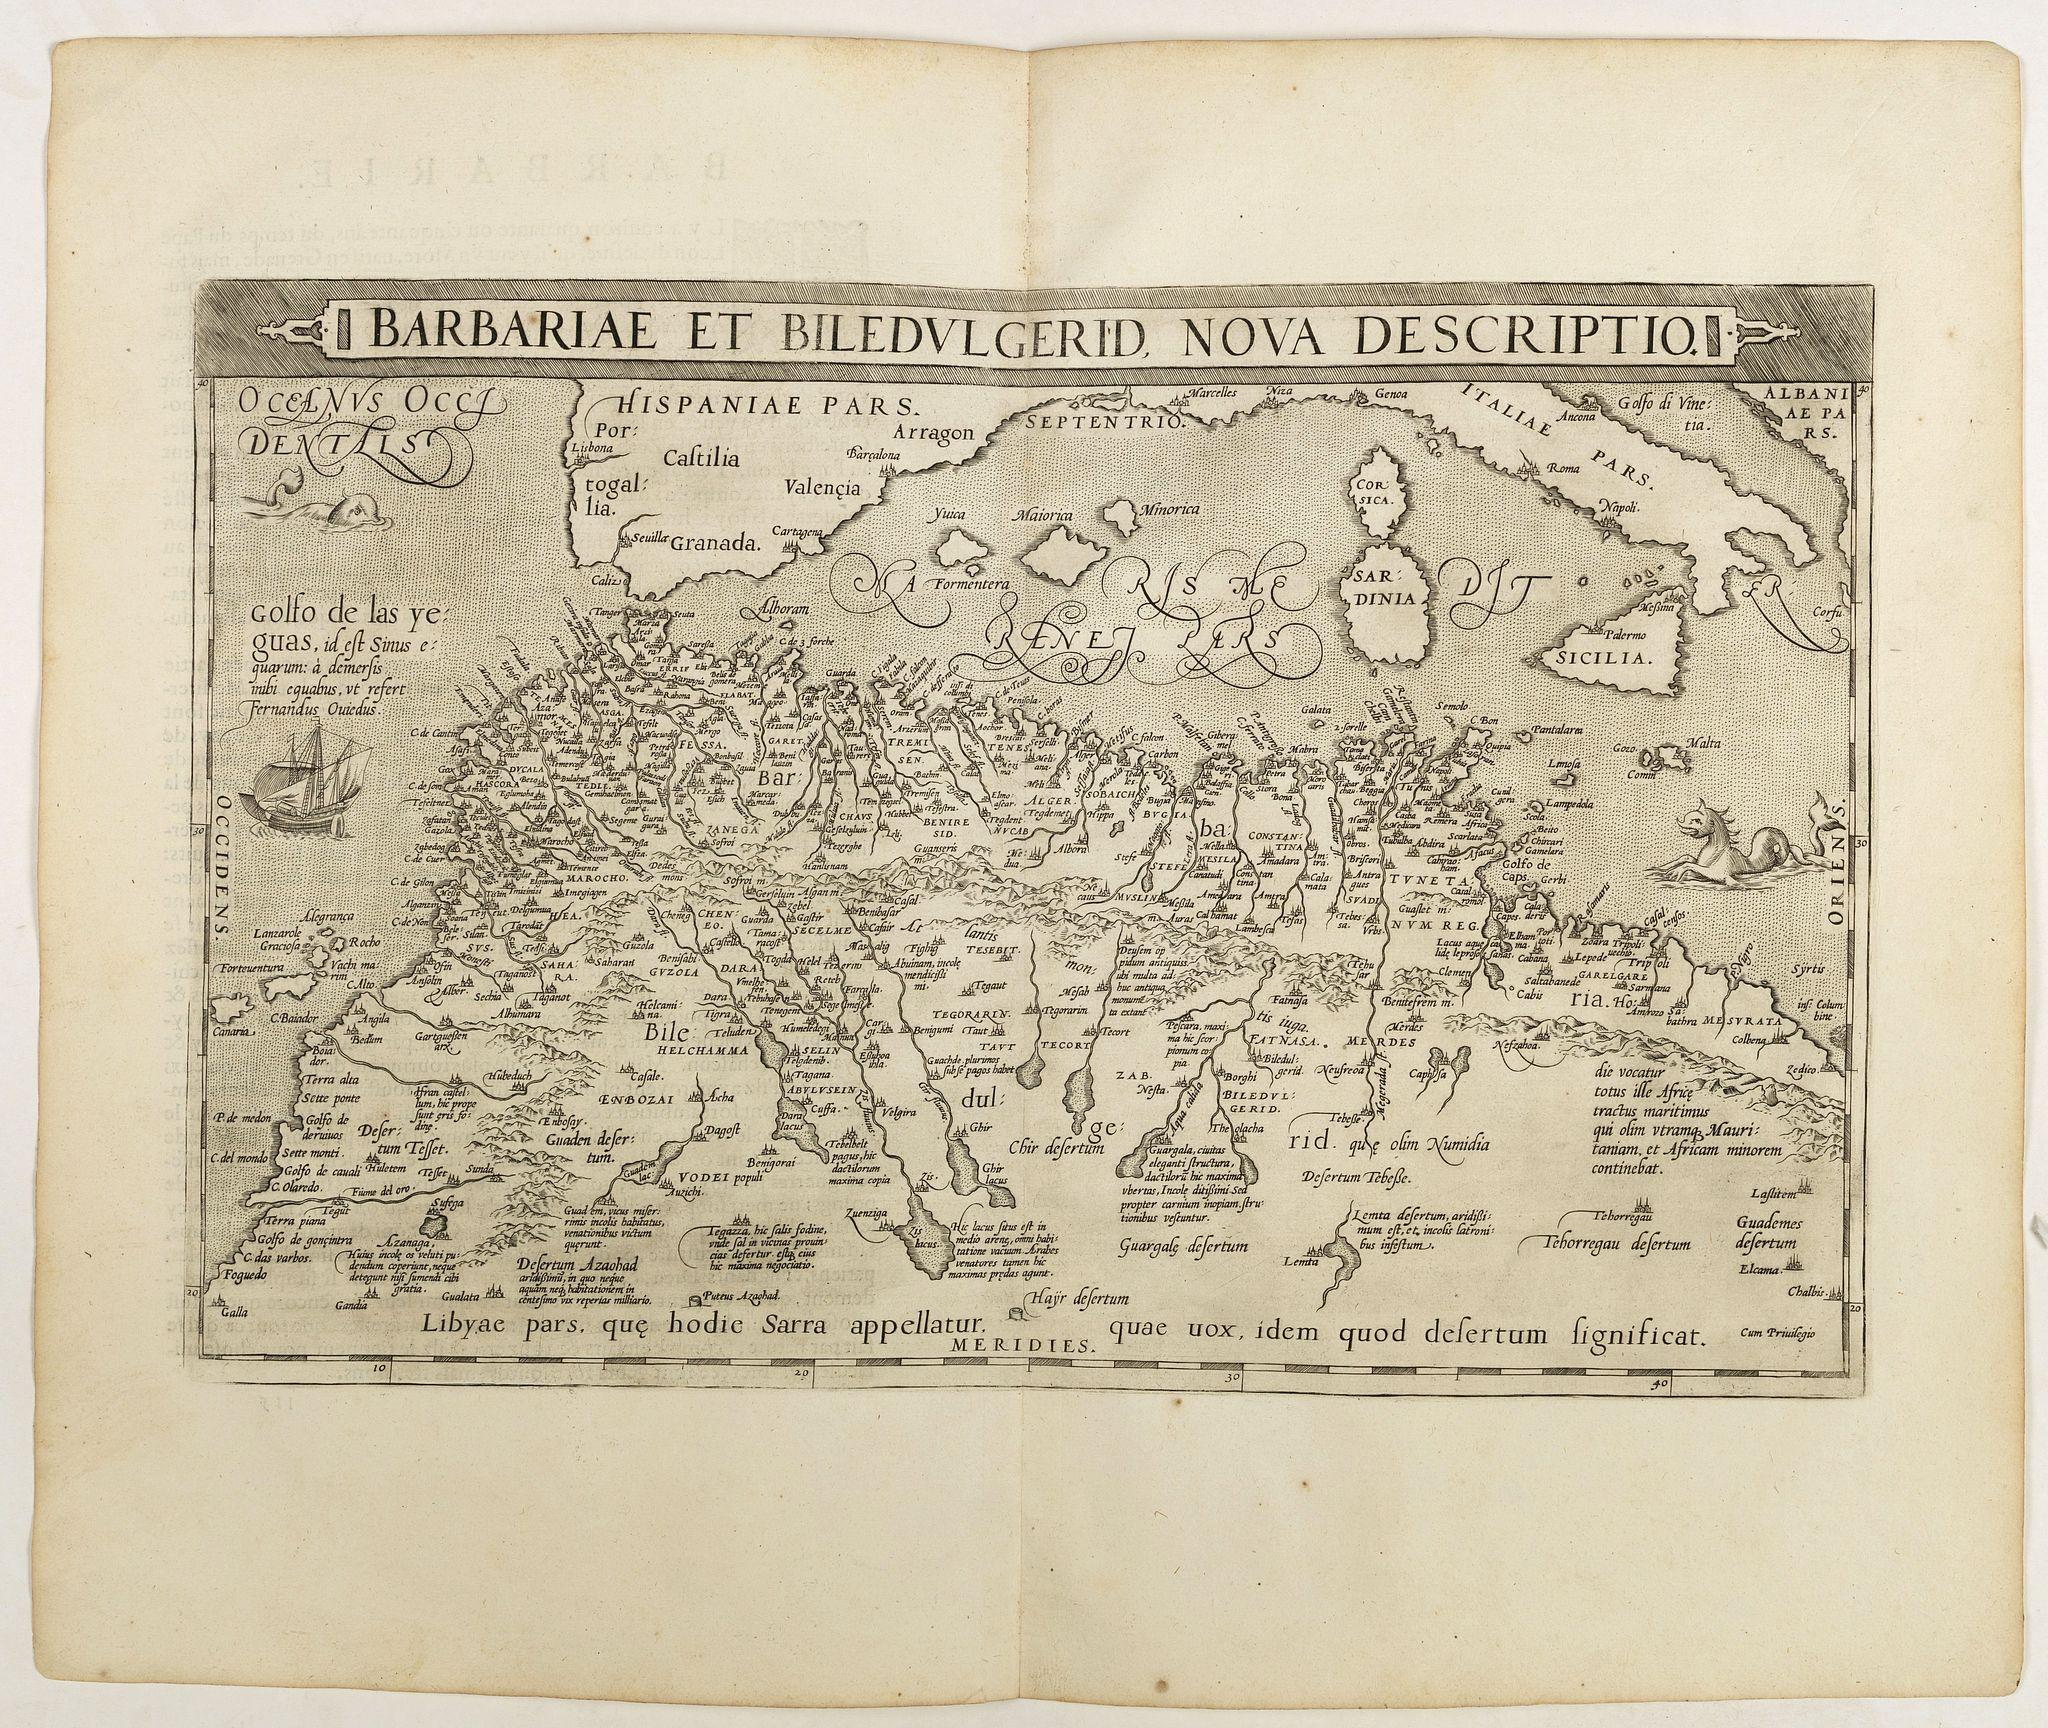 ORTELIUS, A. -  Barbariae et Biledulgerid, nova descriptio.